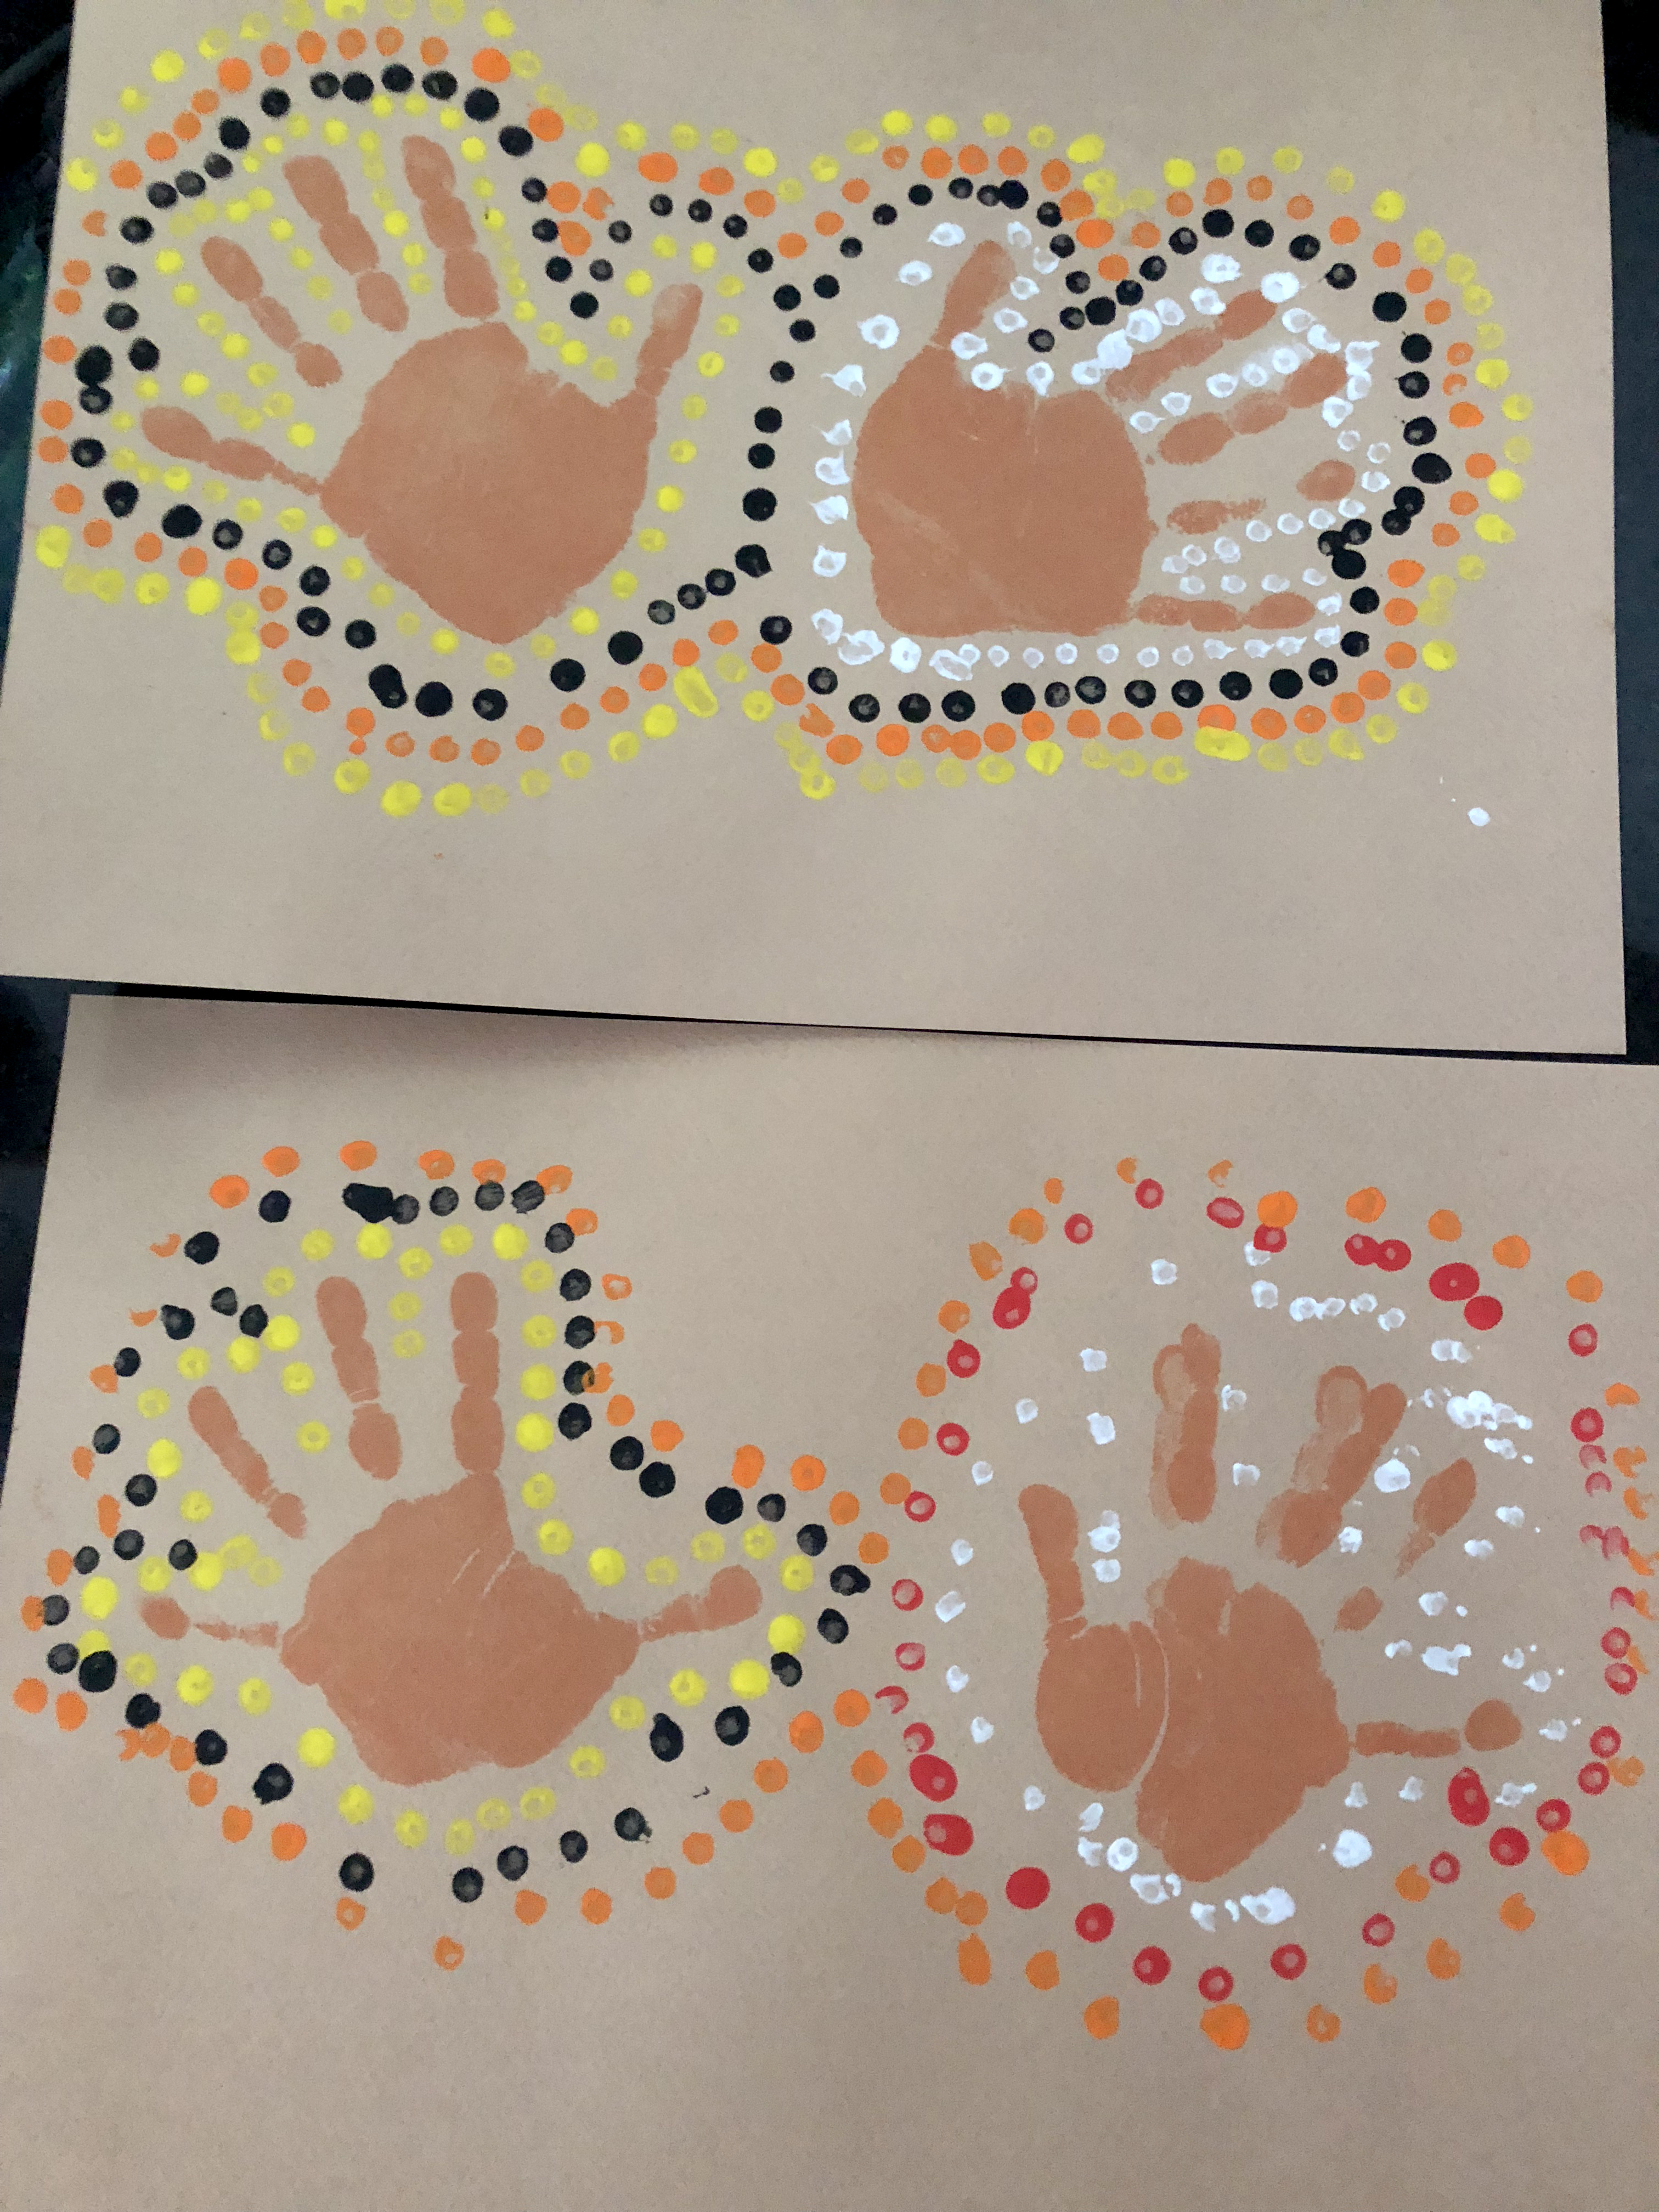 tour du monde ief activité Australie peinture traces mains aborigènes